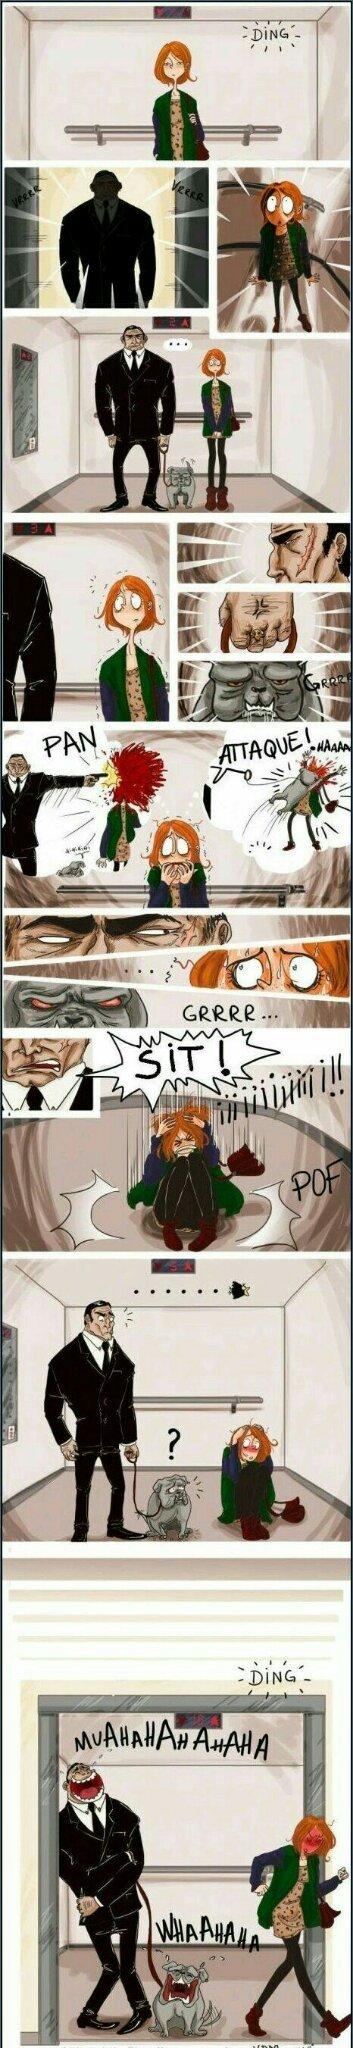 La wea miedosa - meme